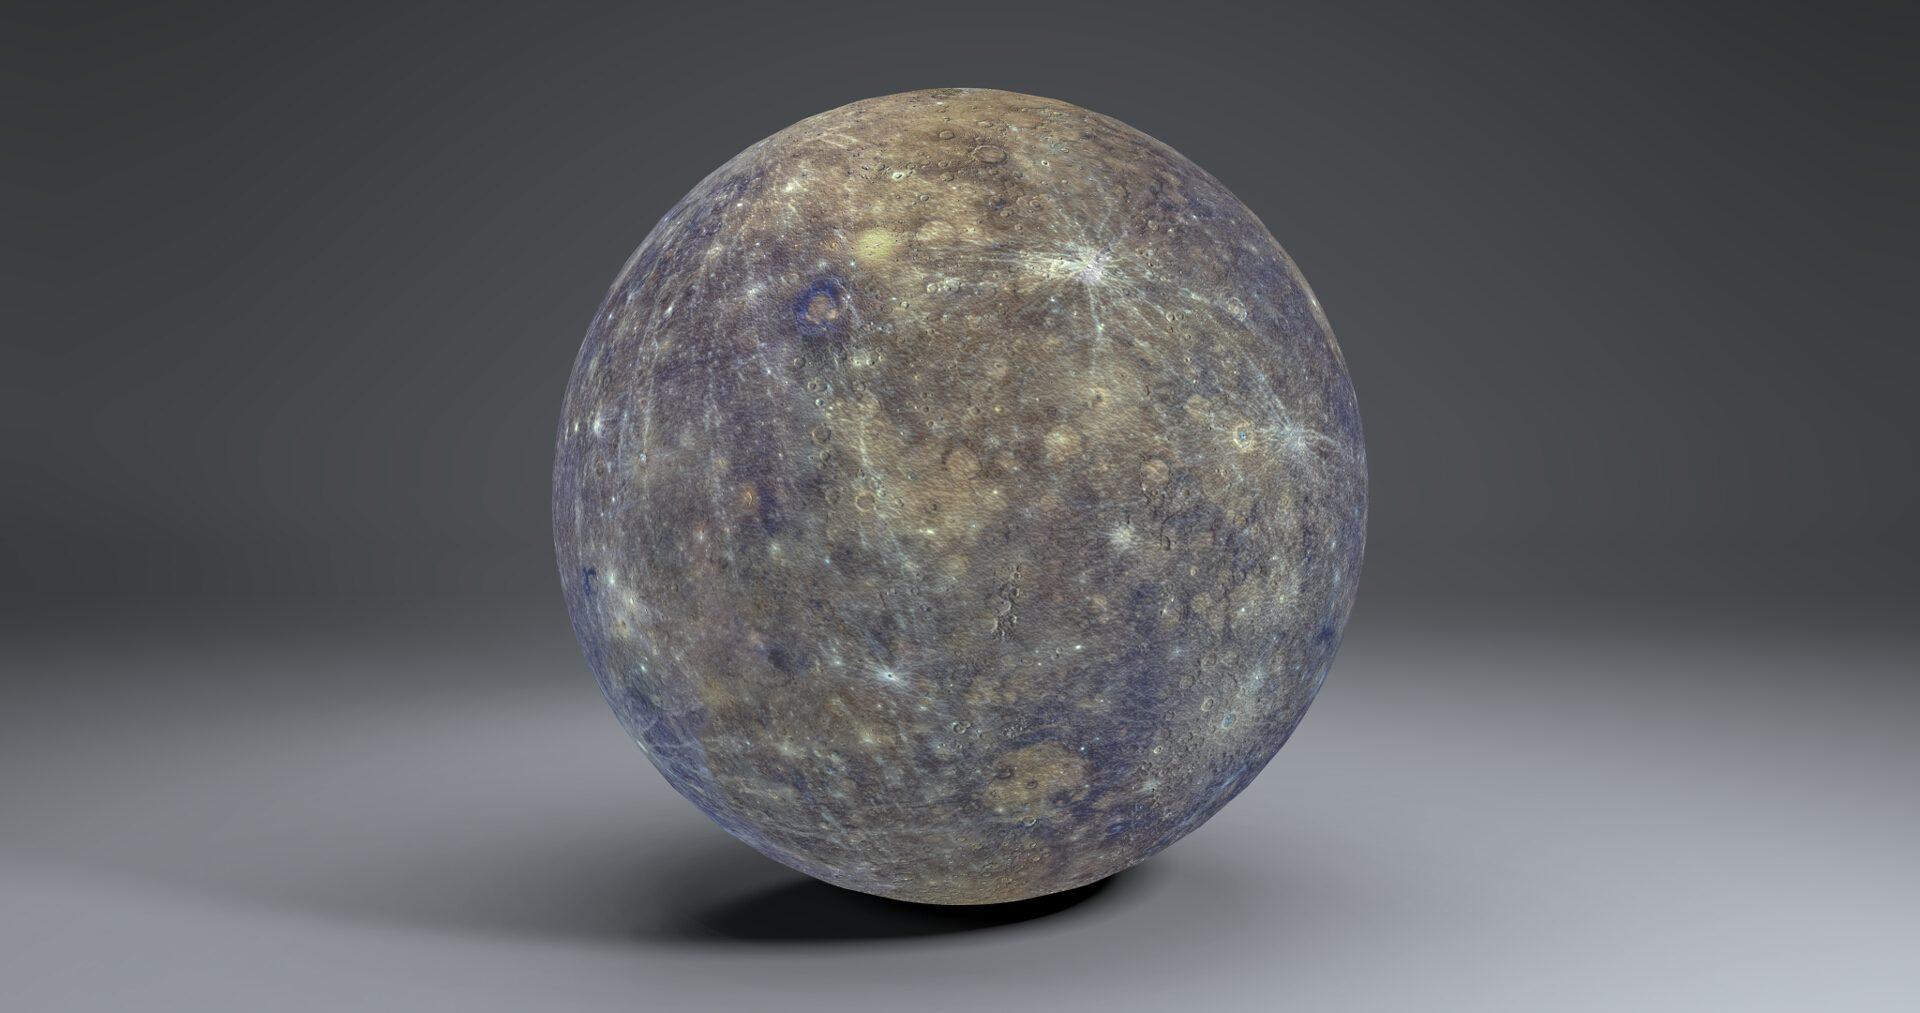 mercury 4k globe 3d model 3ds fbx blend dae obj 252197